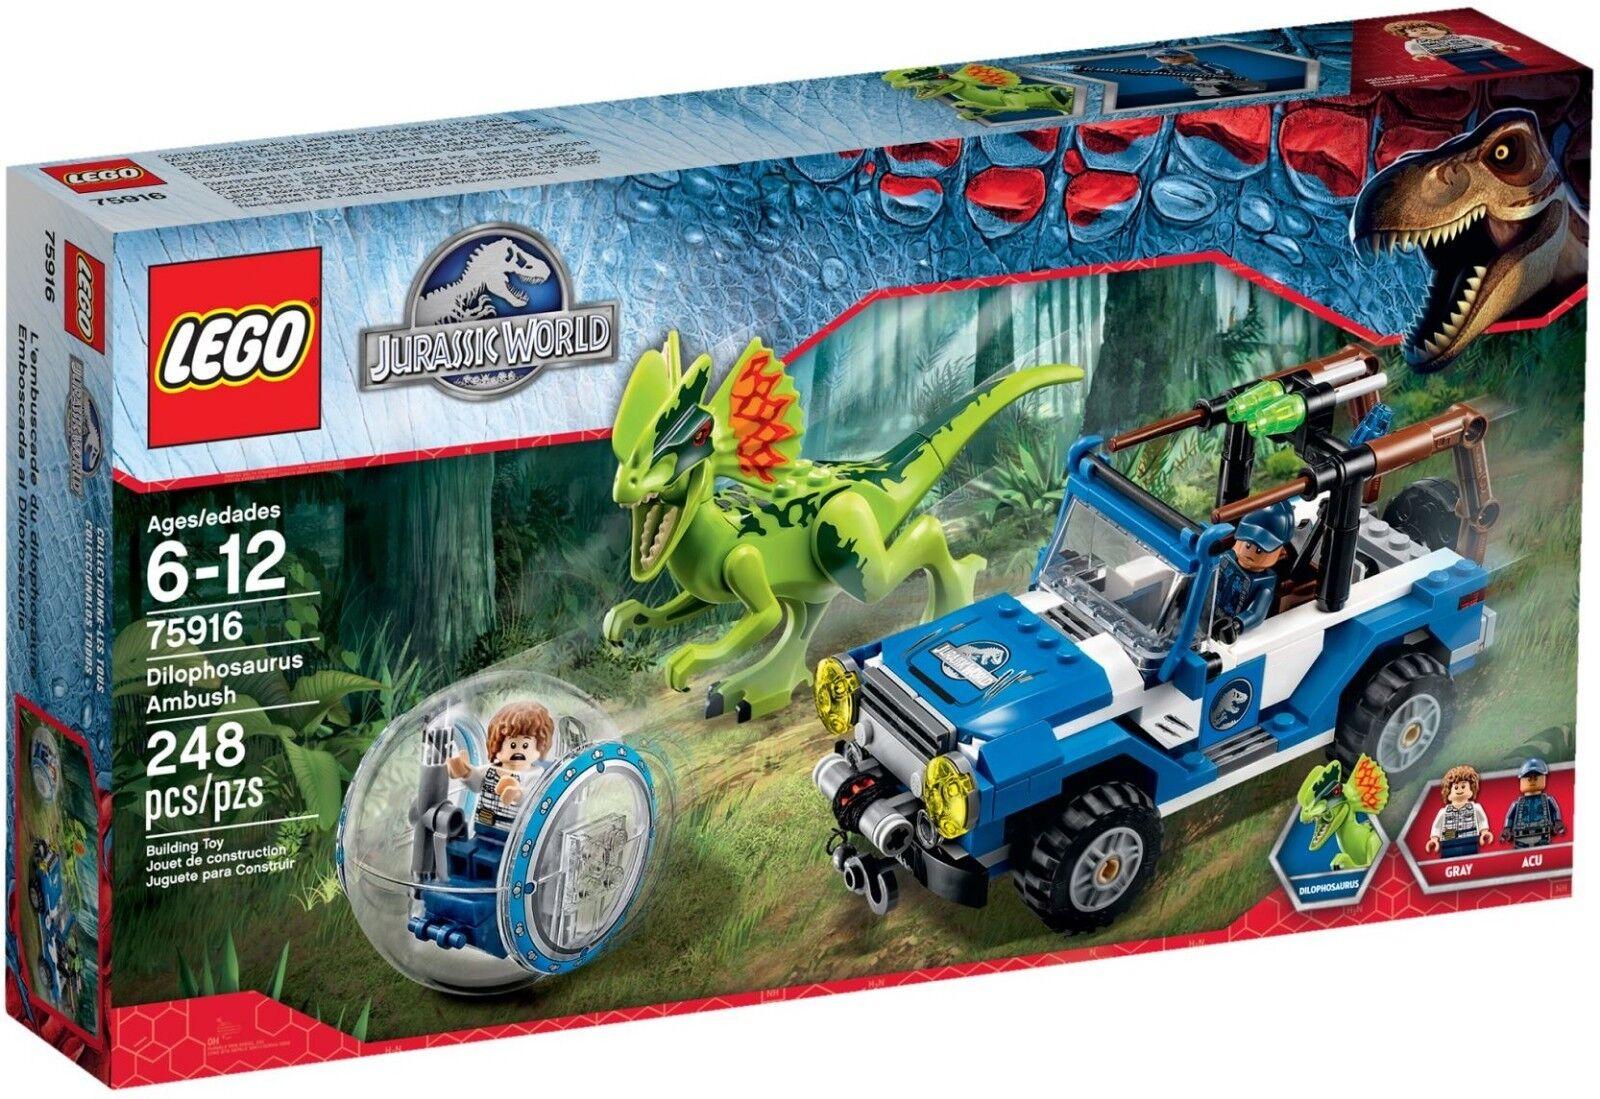 Lego Jurassic World 75916 Bon embuscade EntièreHommest NEUF  dans sa boîte ✔ Nouveau ✔ Scellé ✔ Fast p&p ✔  le réseau le plus bas